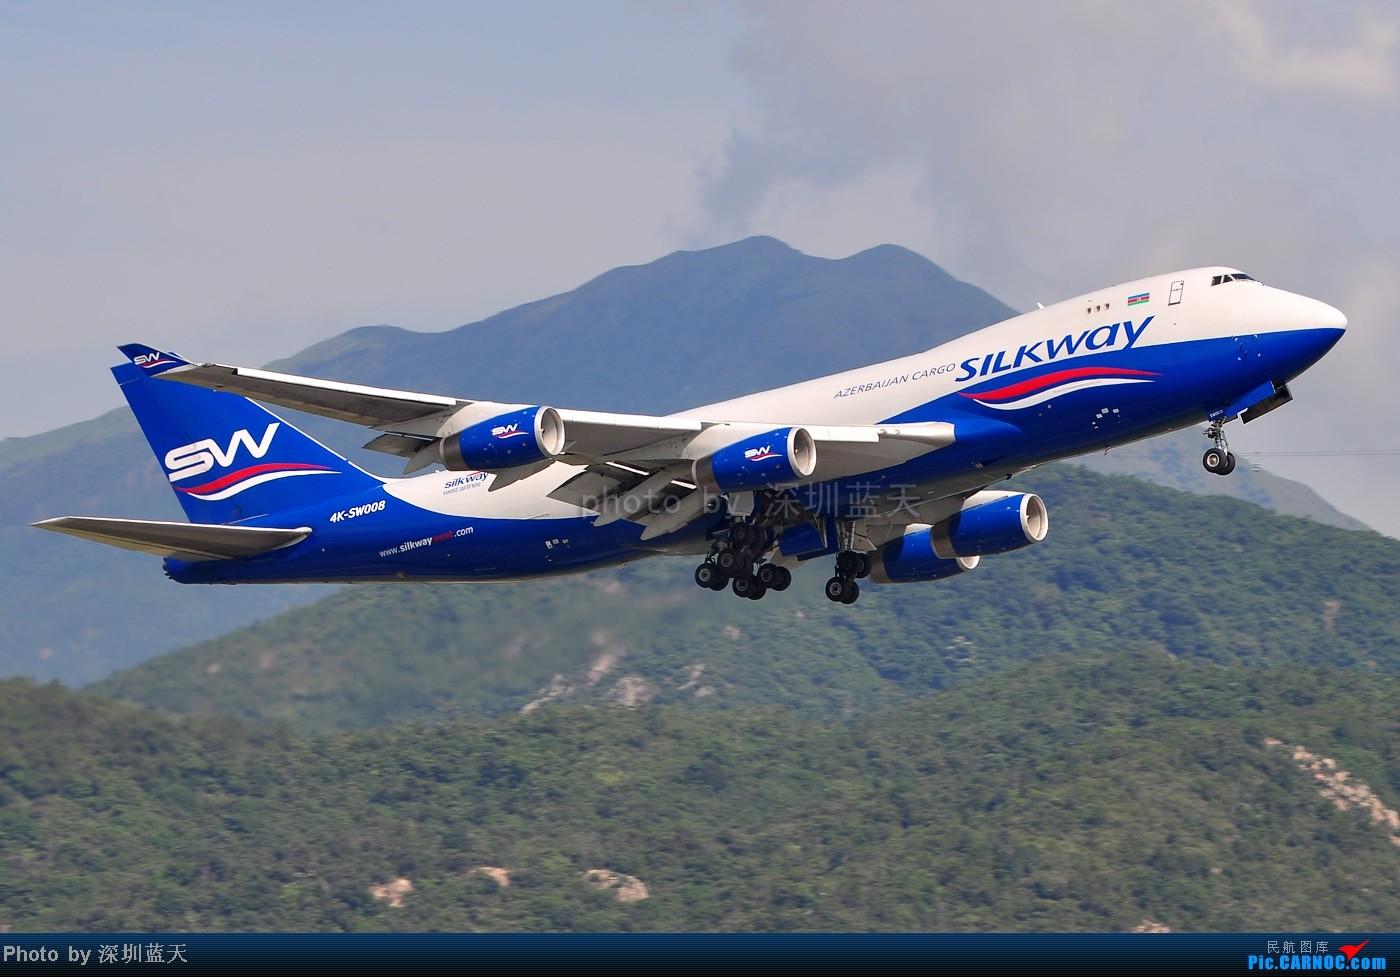 Re:【深圳飞友会】香港飞机维修区海堤起飞新拍—泰航A380斐济A330新装等 BOEING 747-4R7F/SCD 4K-SW008 中国香港赤鱲角国际机场